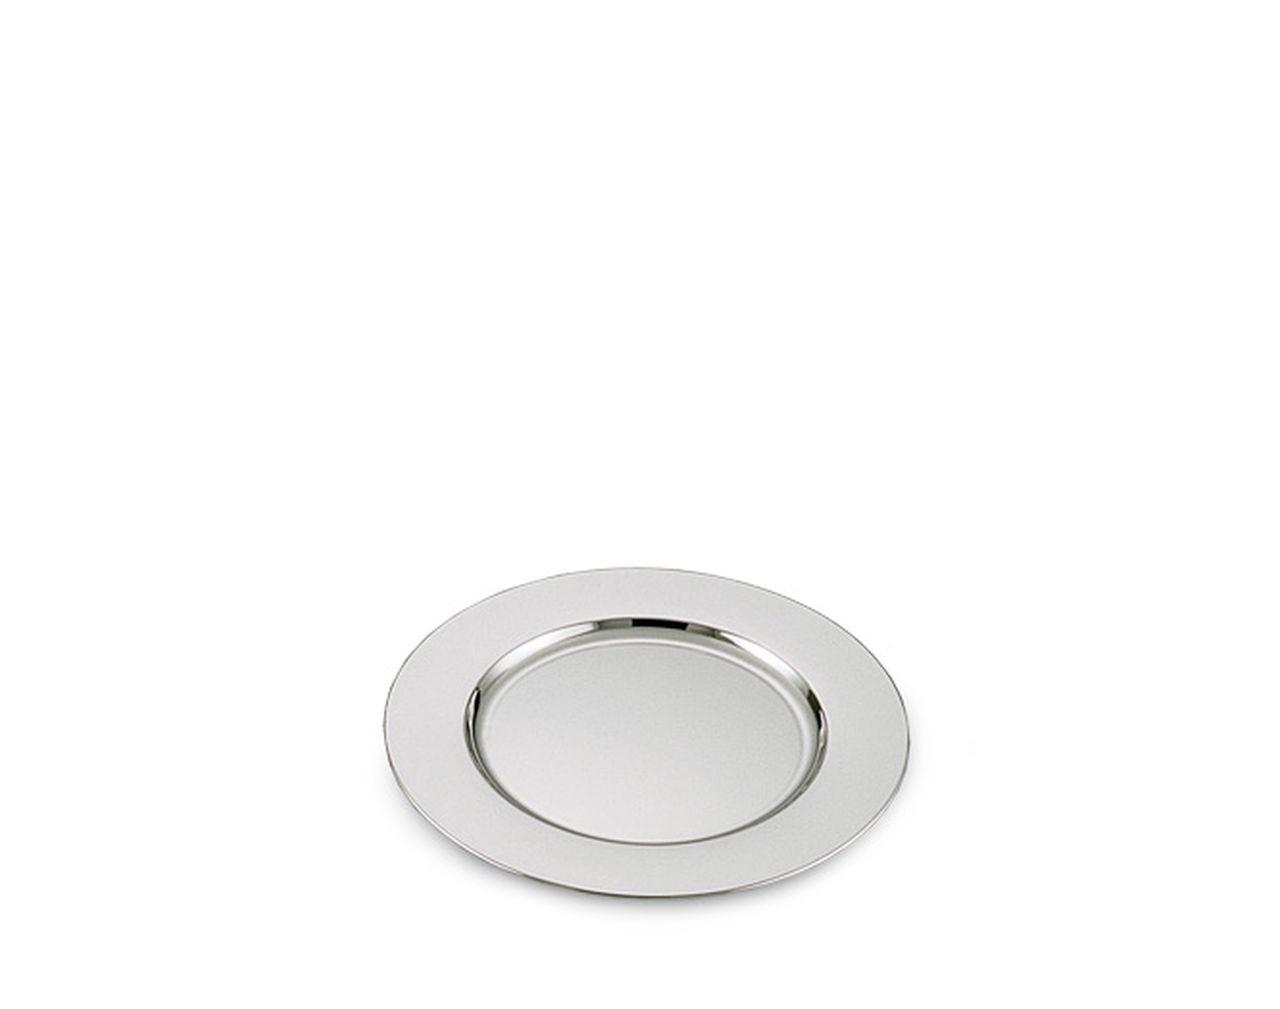 Piattino tondo in metallo placcato argento cm.diam.12